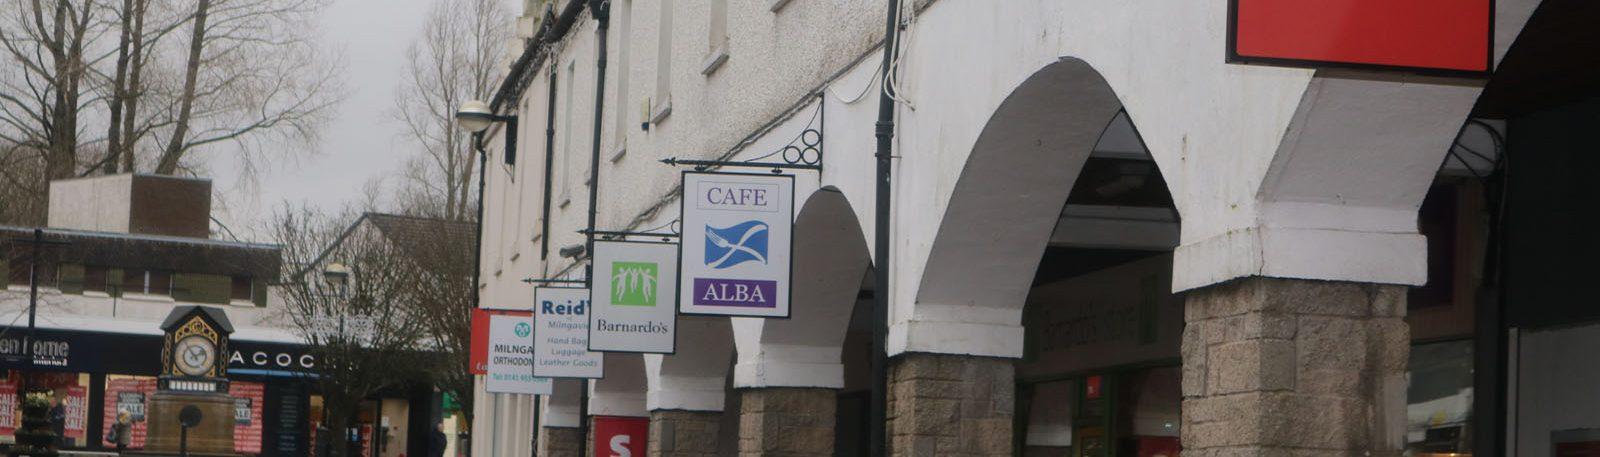 Main Street shops in Milngavie